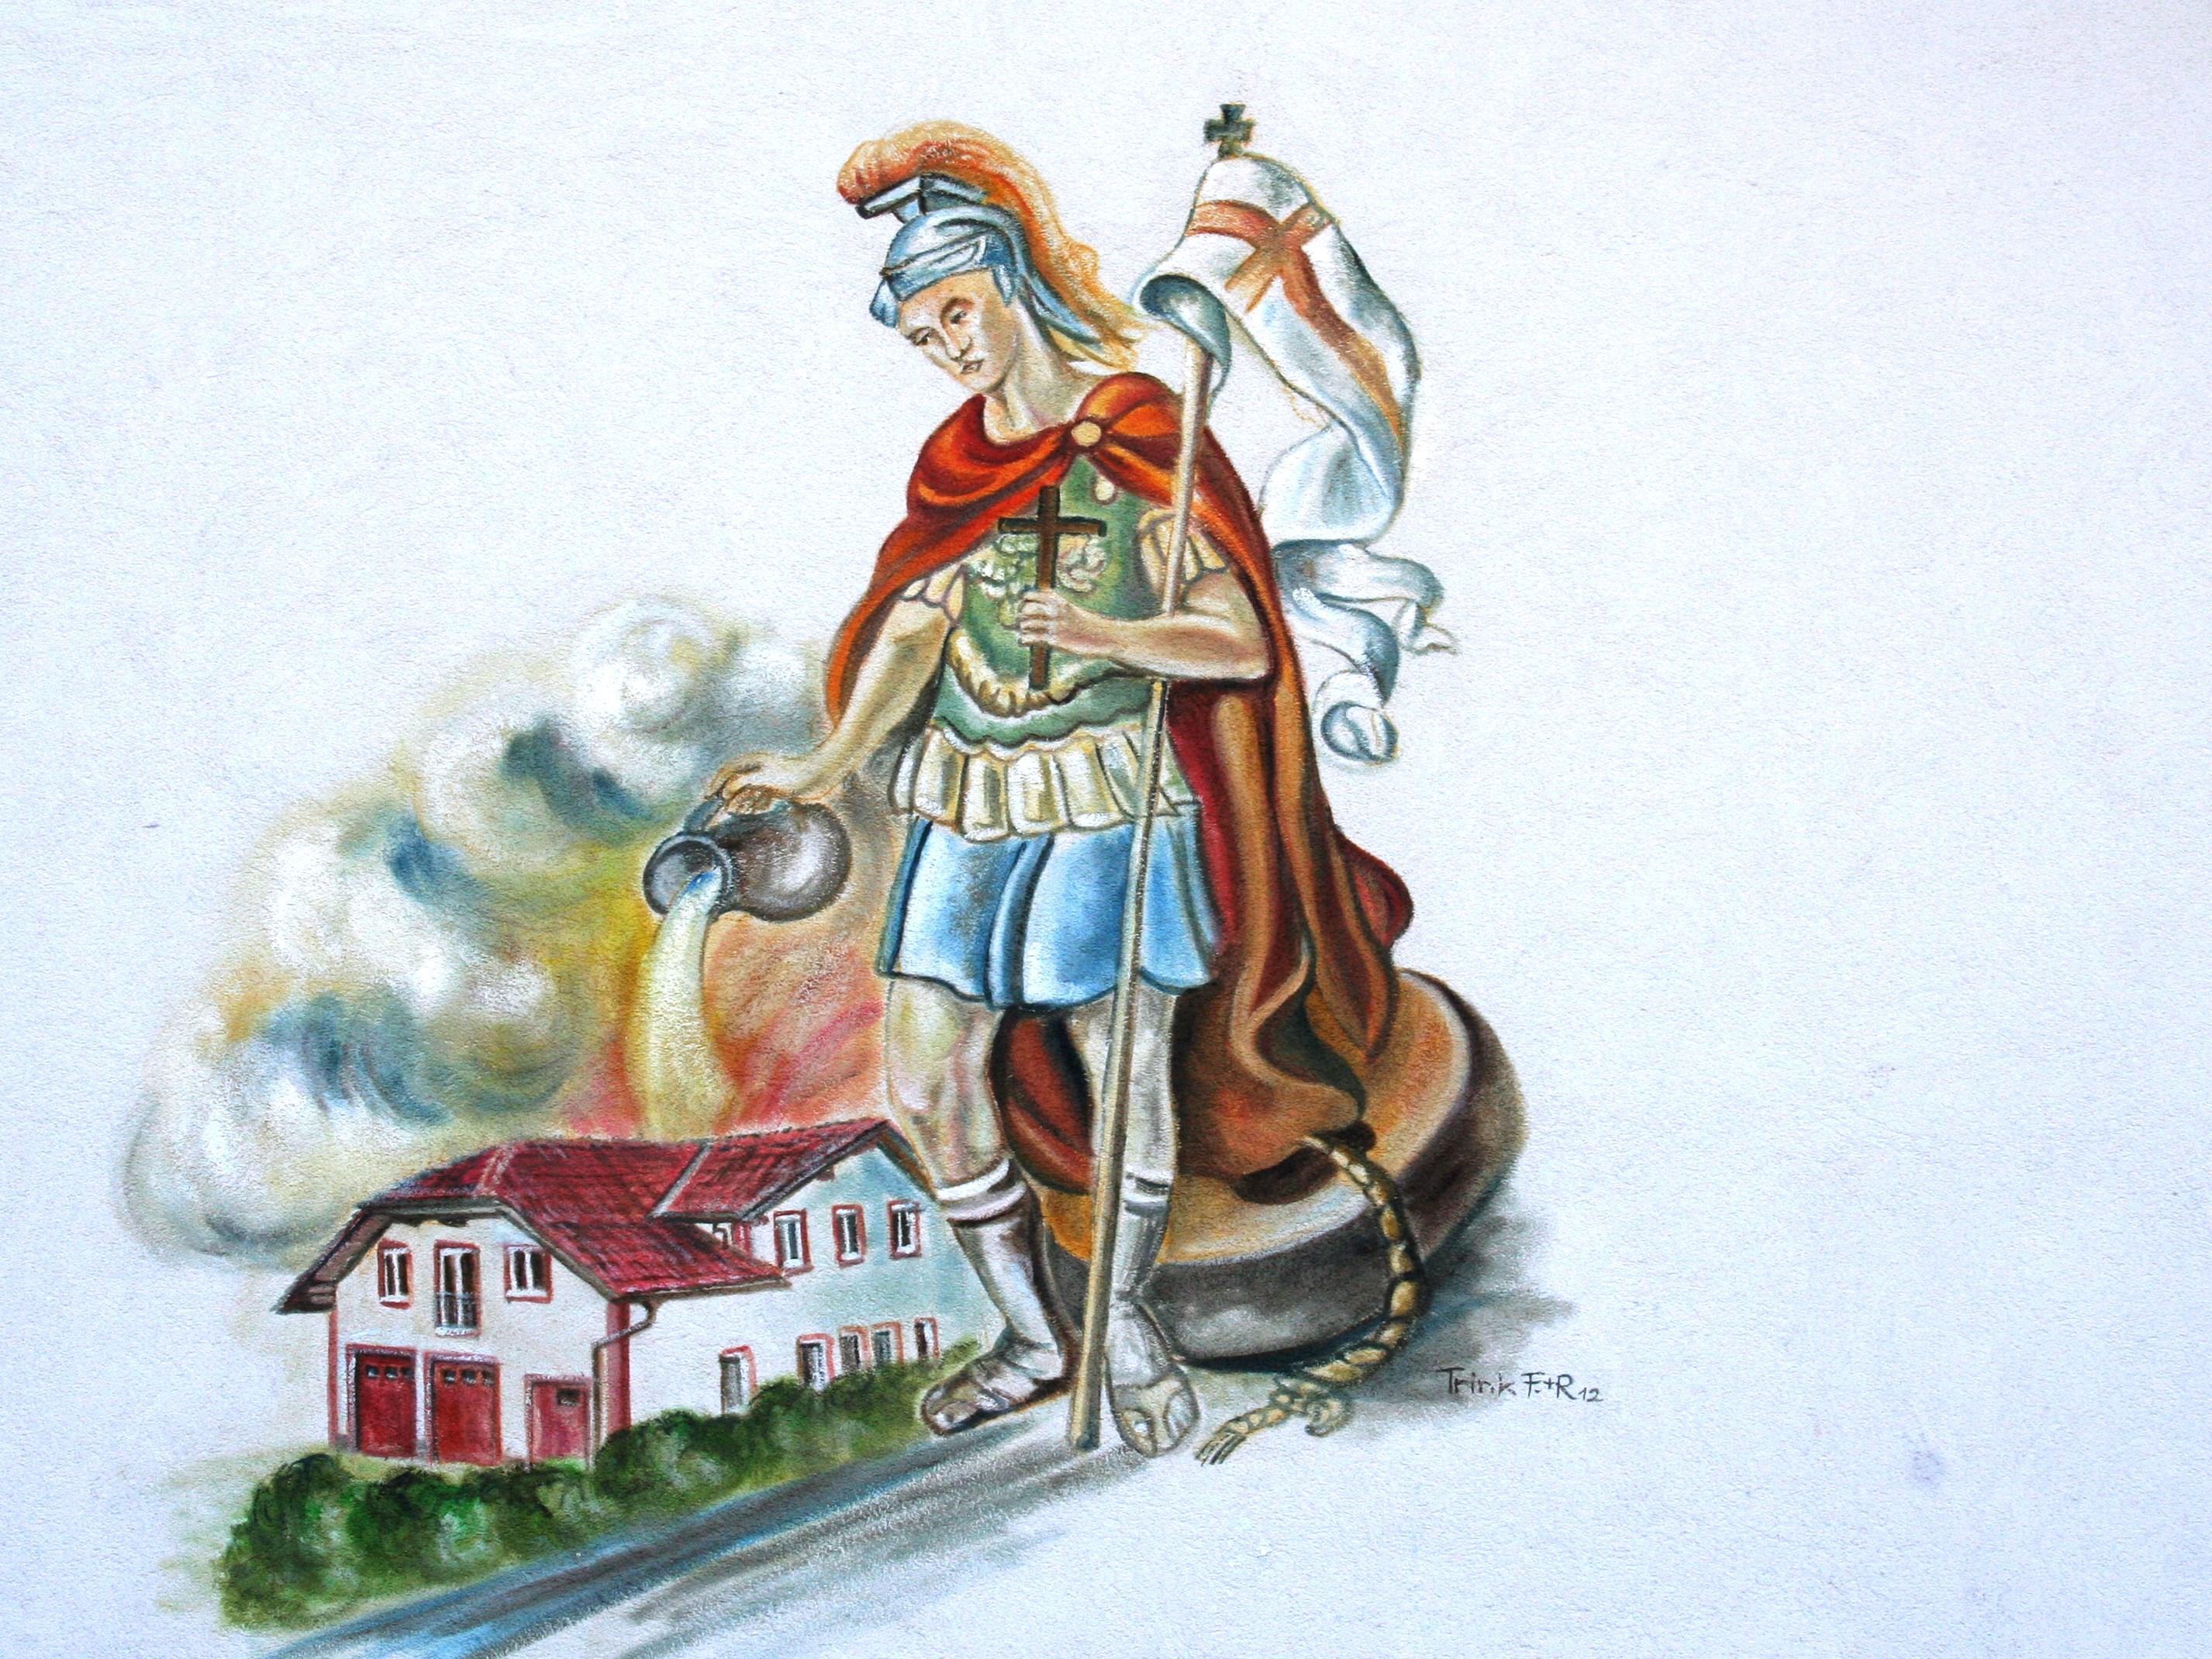 Bild des Hl. Florian auf der Fassade des Dornbacher Feuerwehrhaus